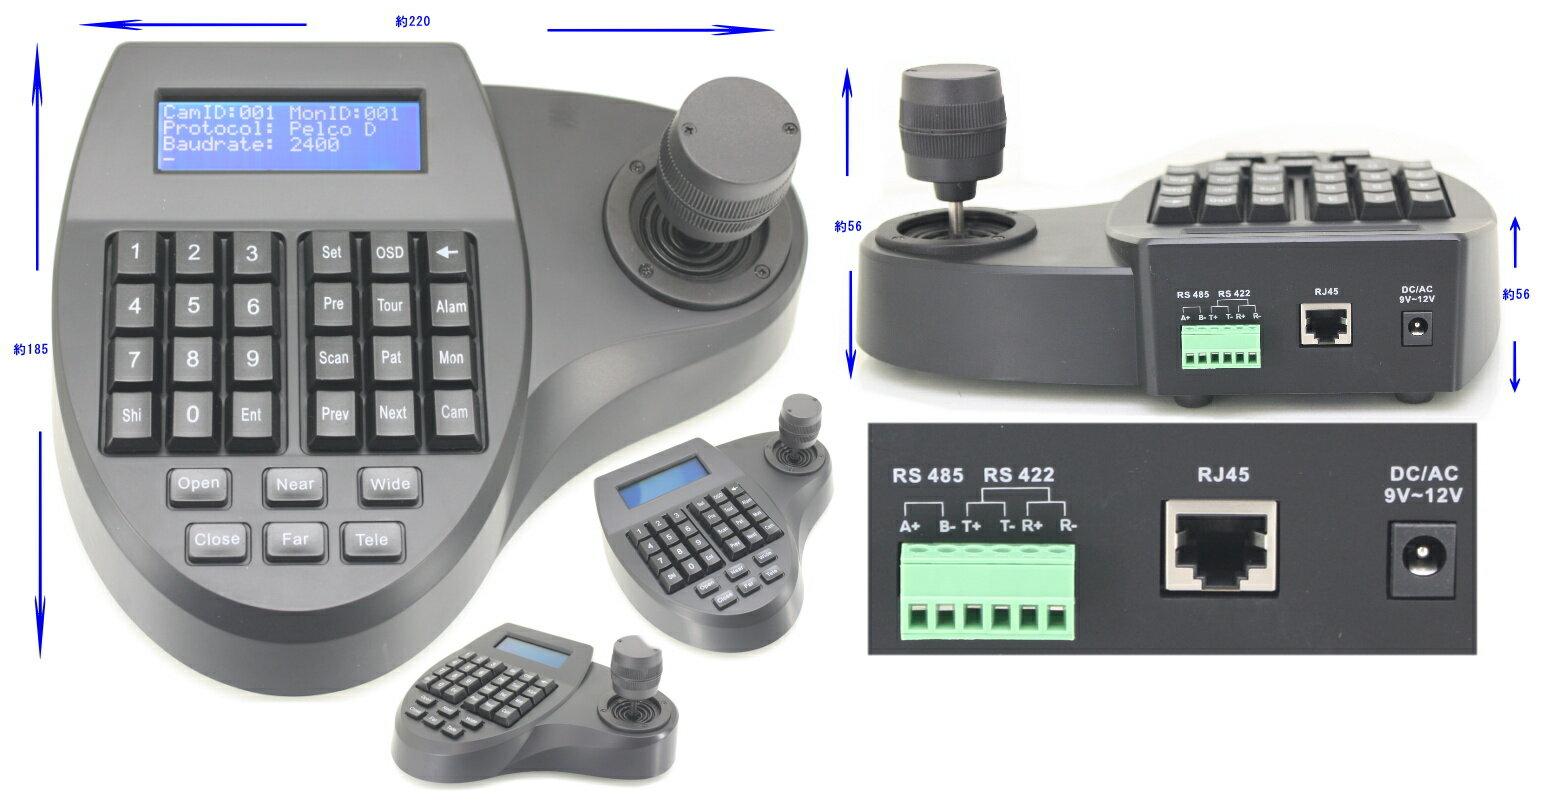 【SA-50767】 防犯カメラ・監視カメラ ジョイスティックリモコン パンチルトドーム専用コントローラー